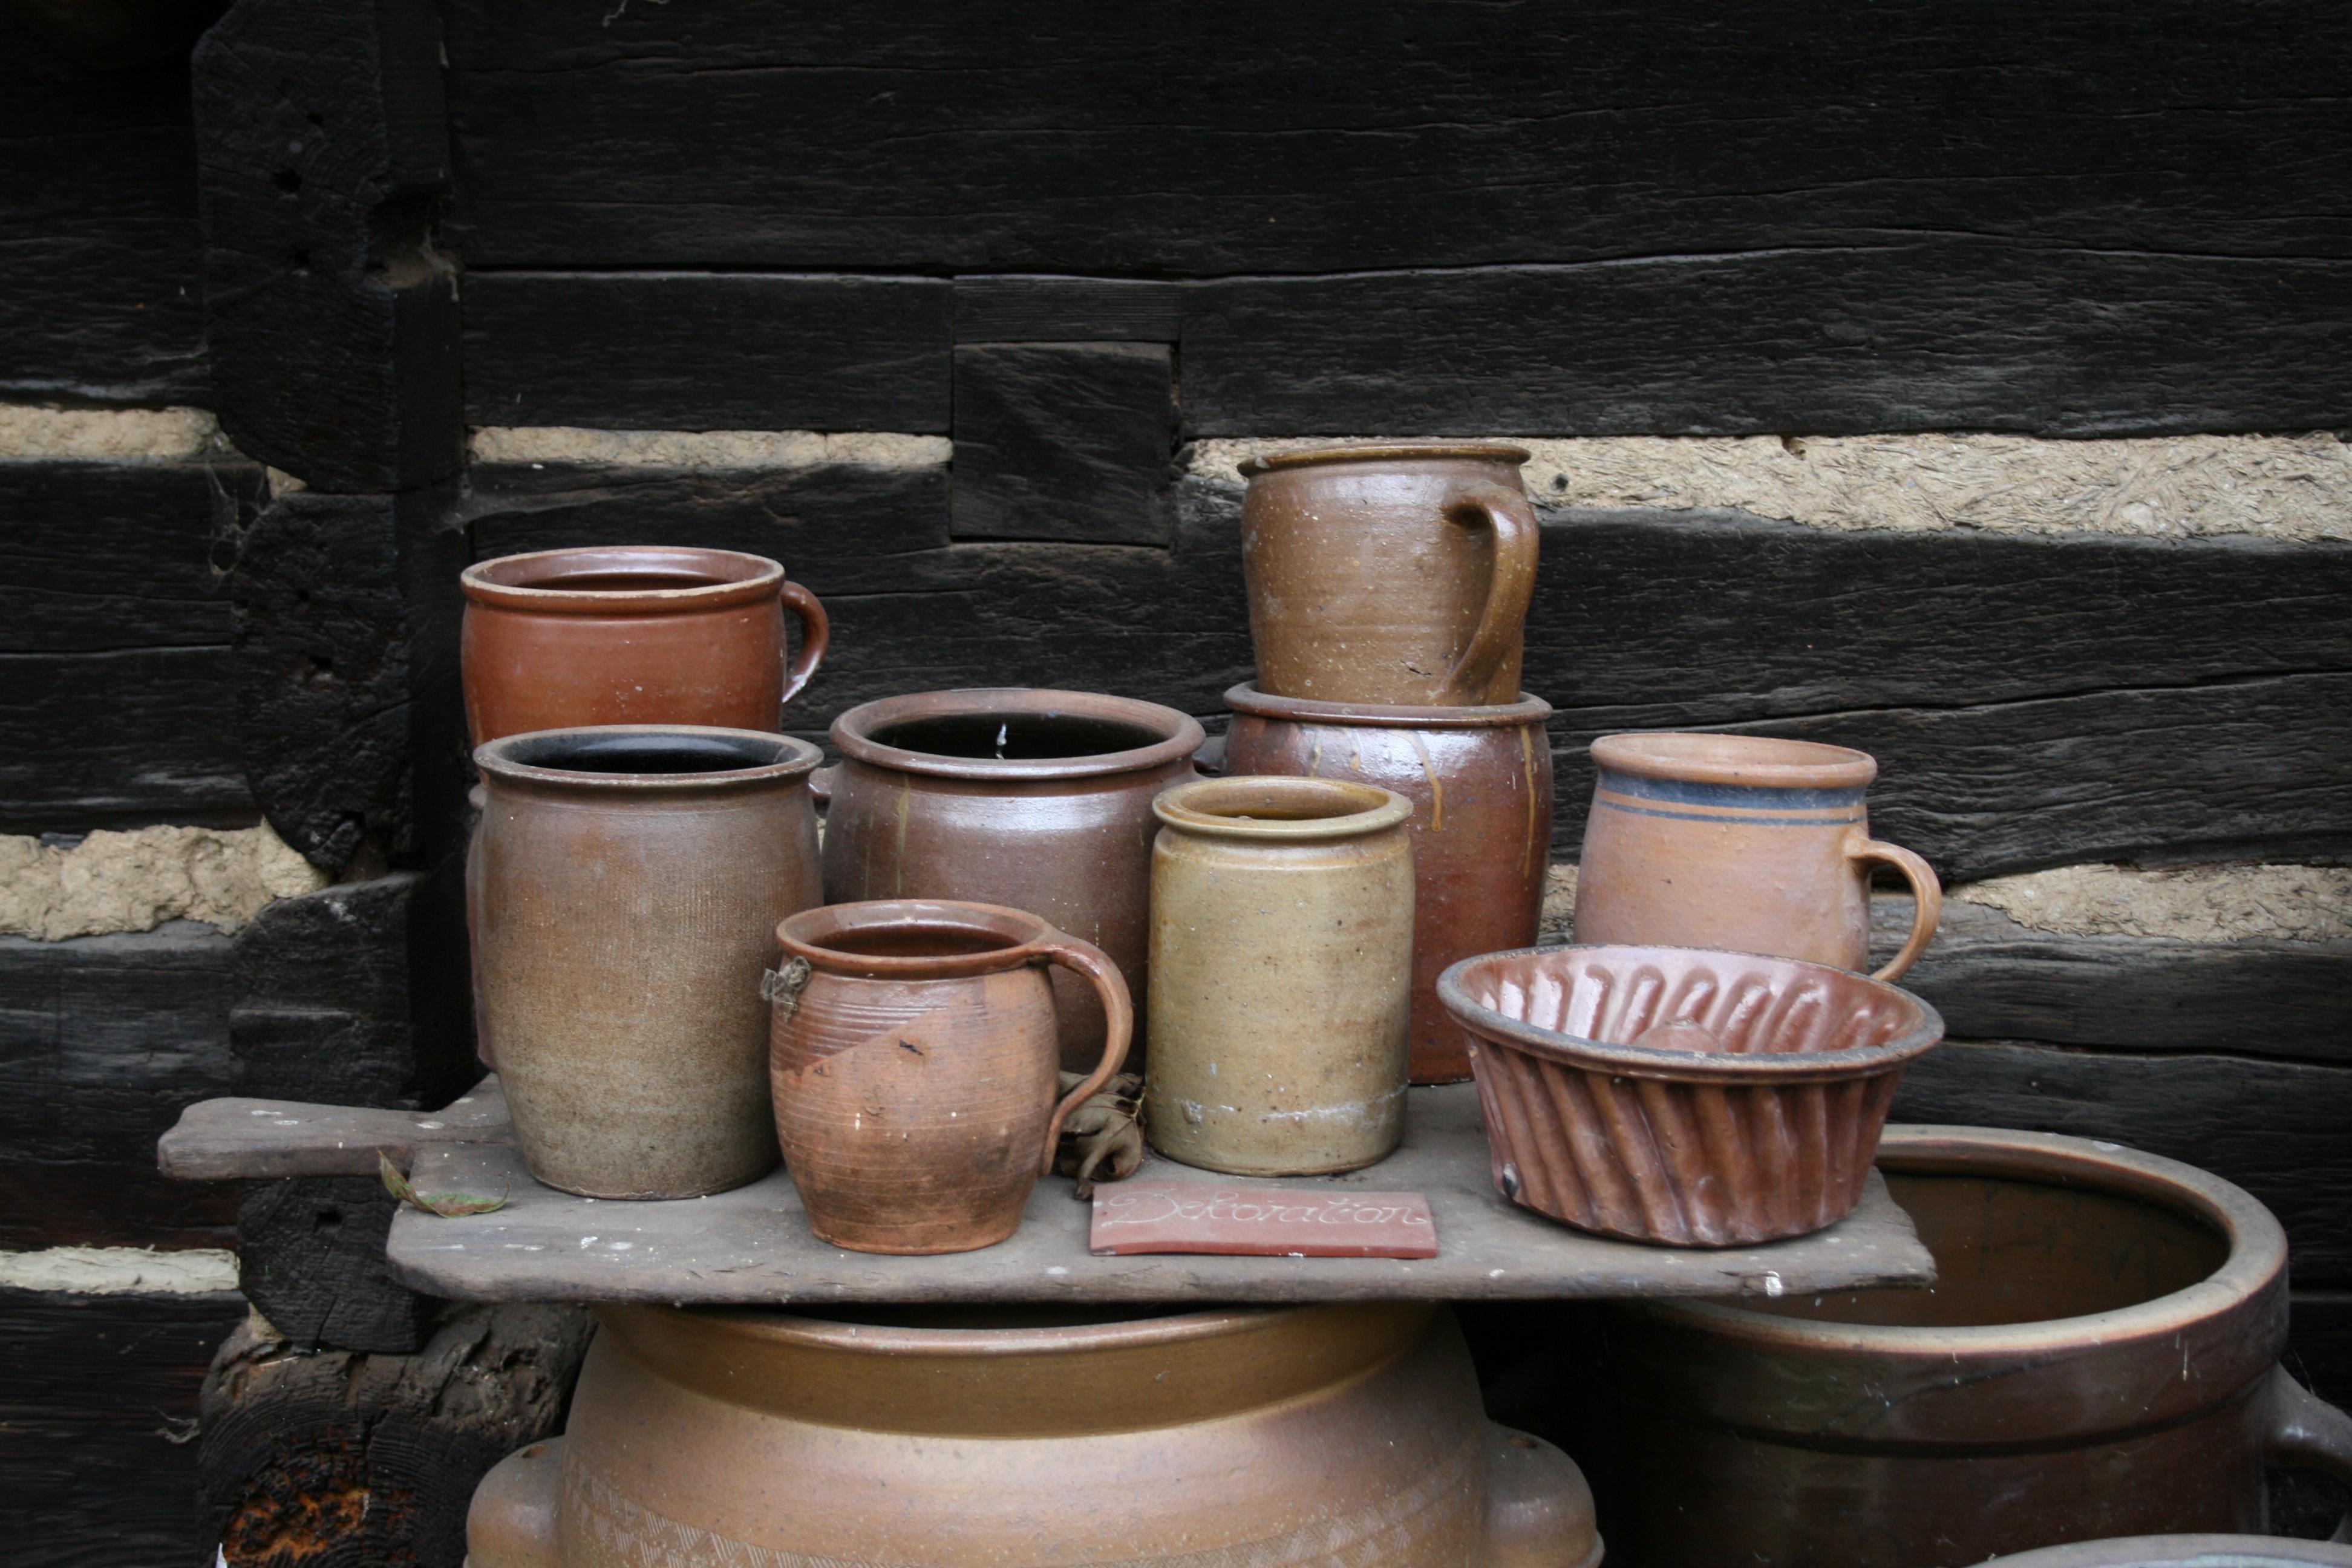 Fotos gratis madera rueda cer mico beber arte for Arts and crafts pottery makers